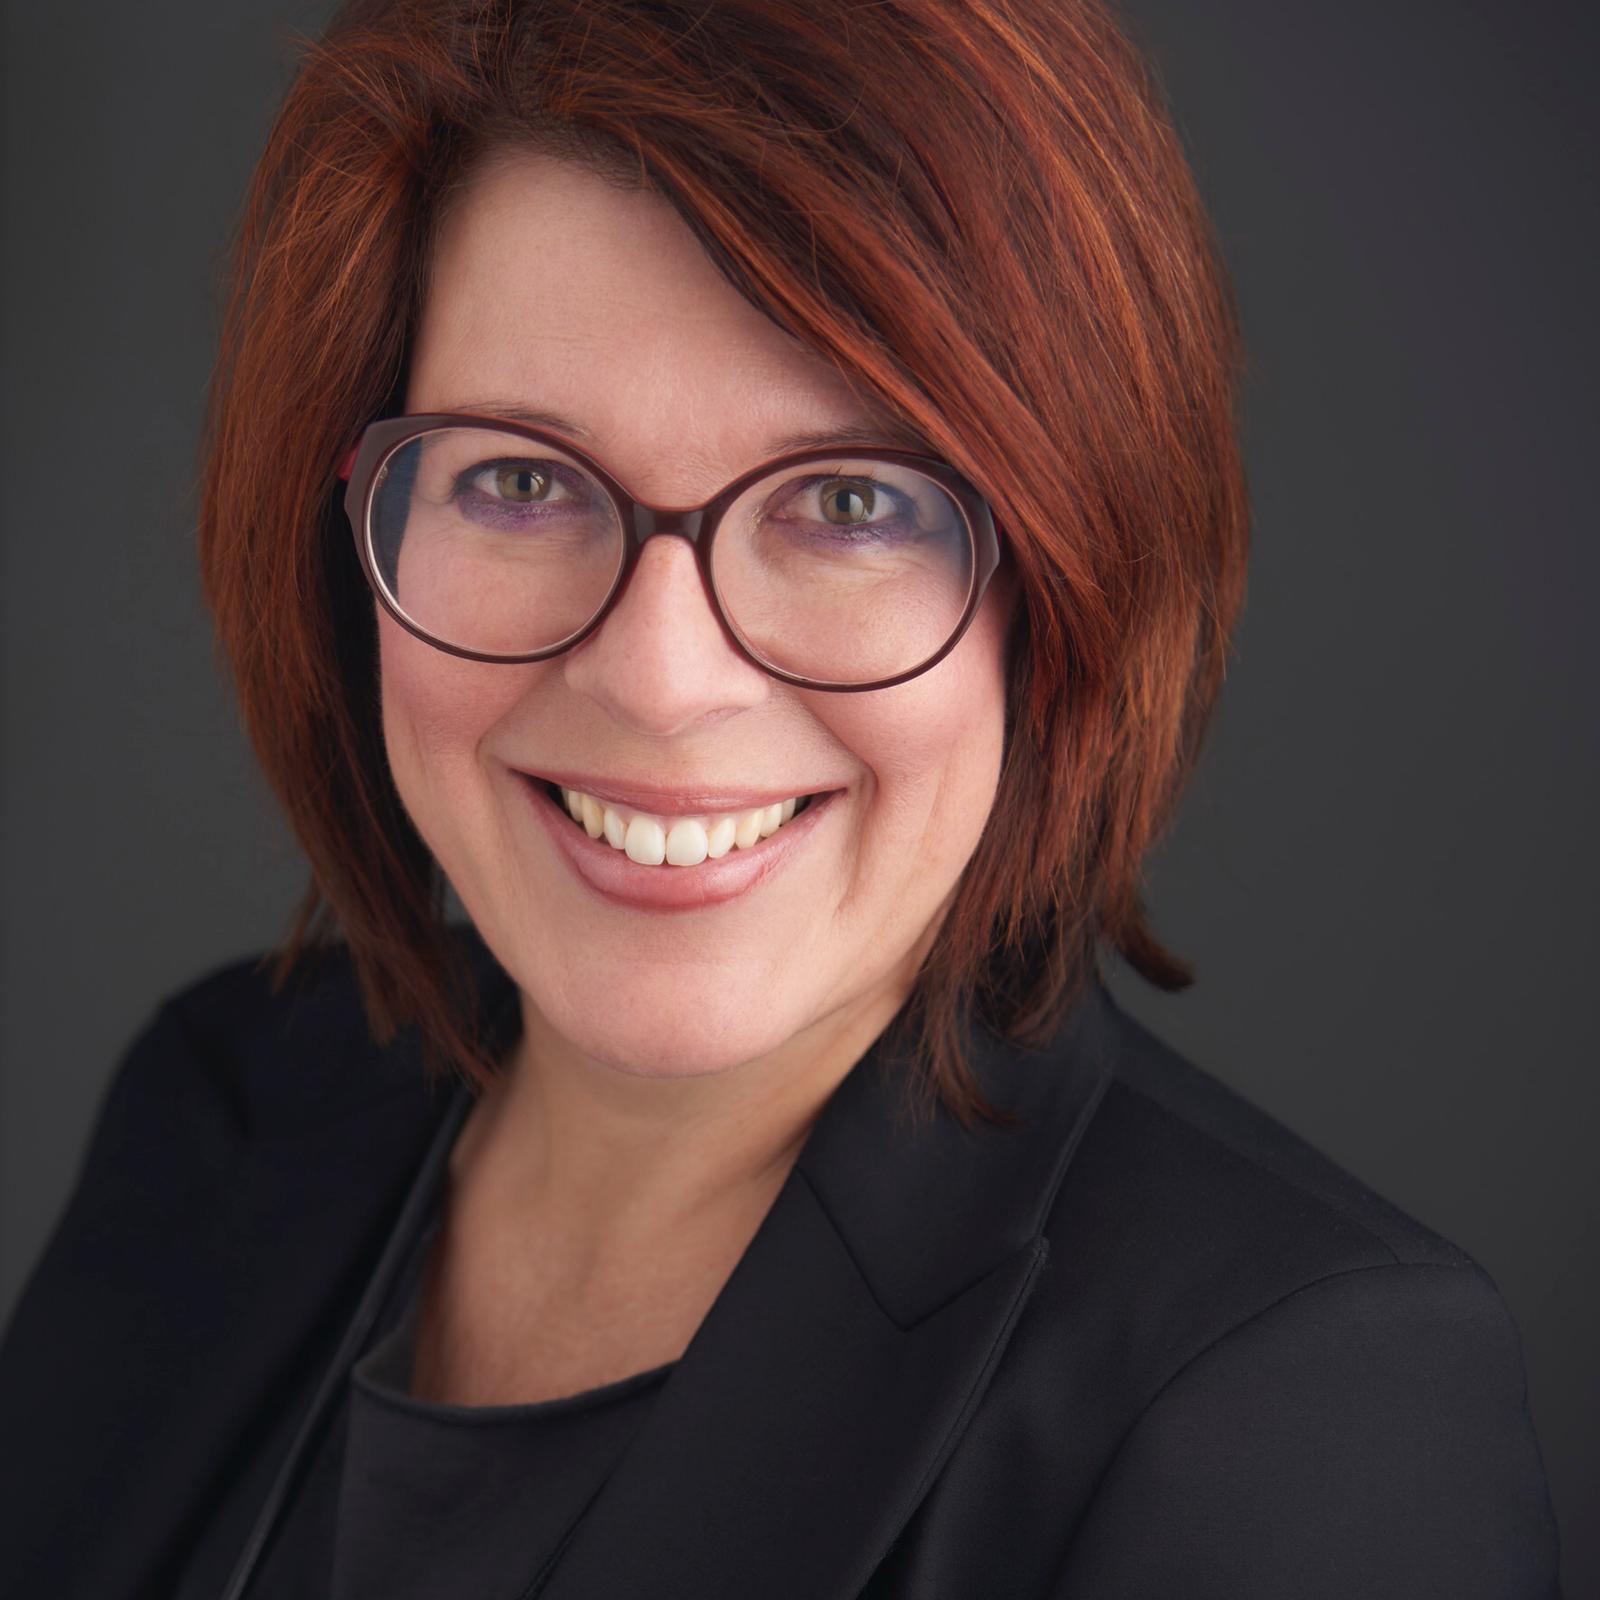 Stephanie van Rossum